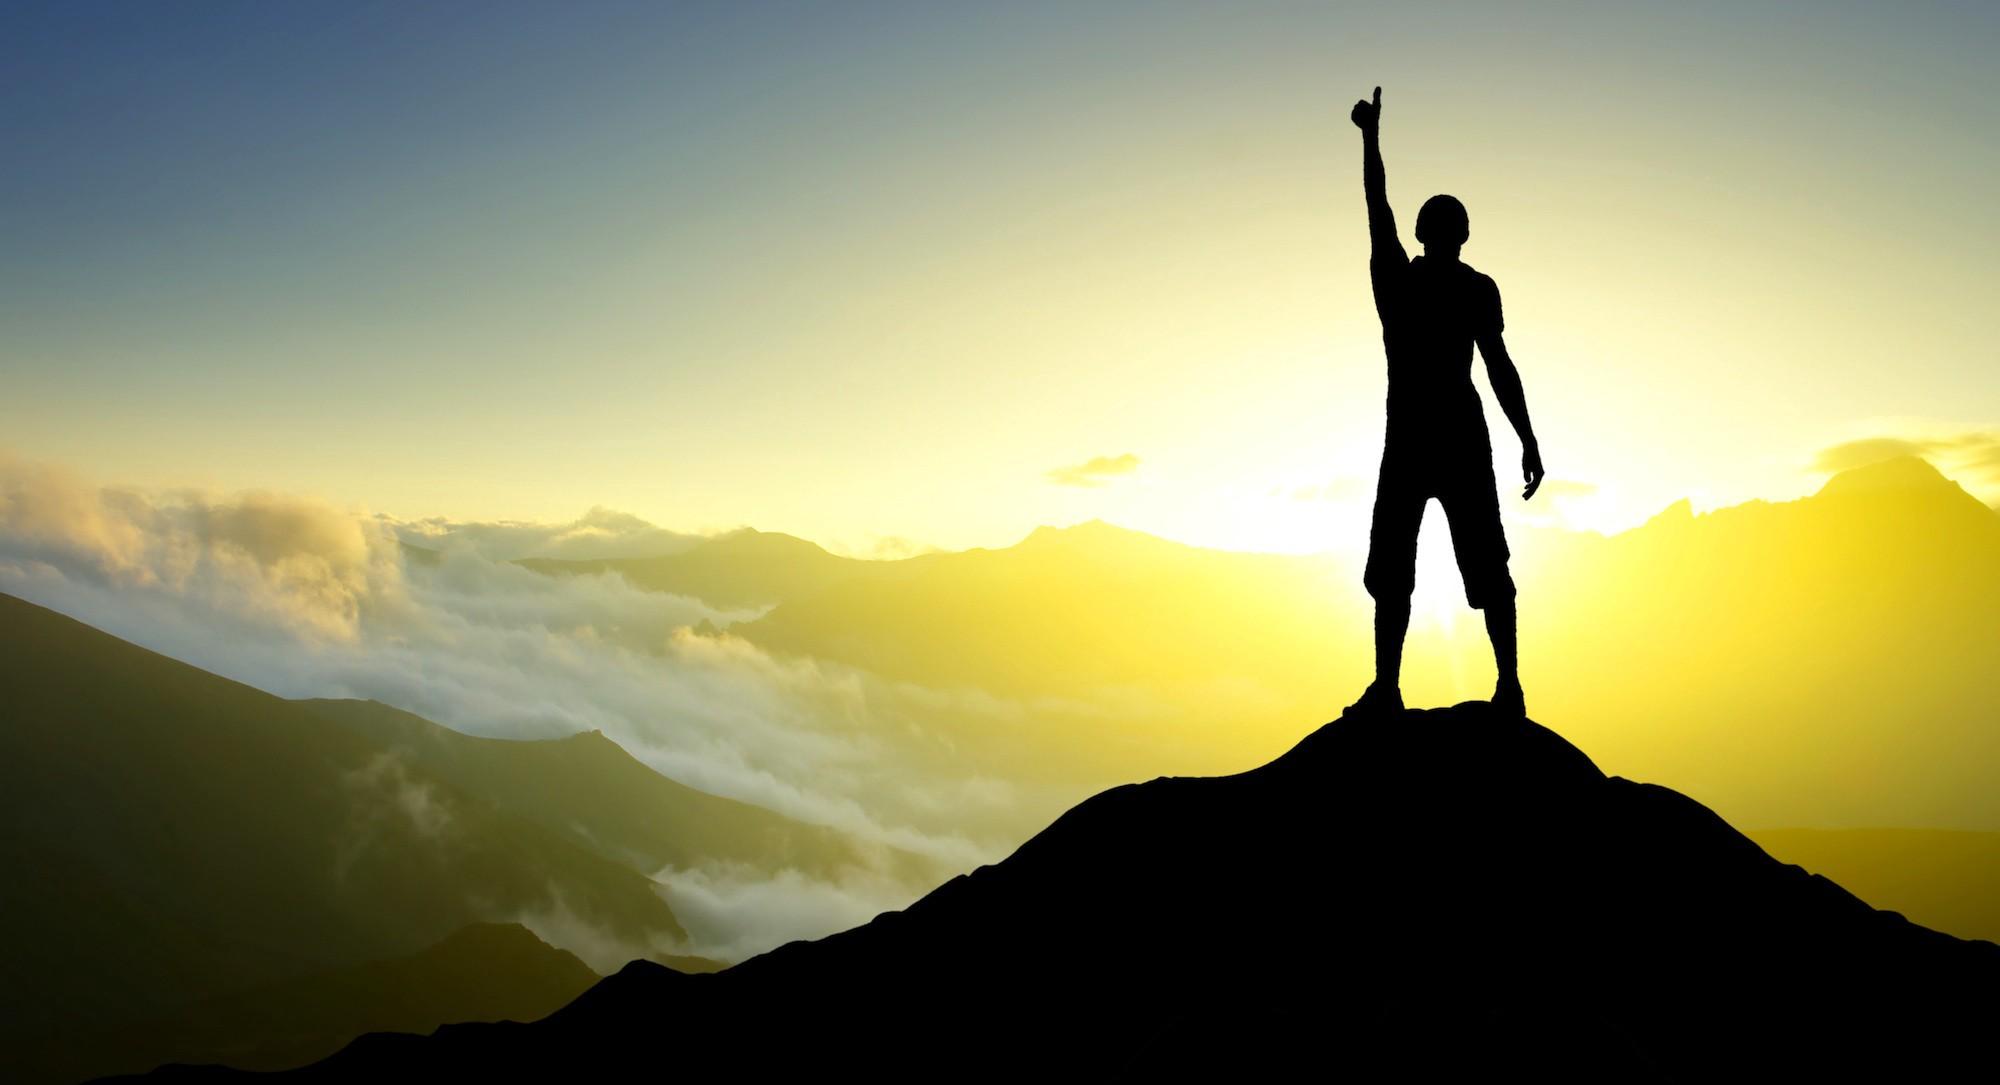 HELSINKI: Voimatunti - Päättämisen voima